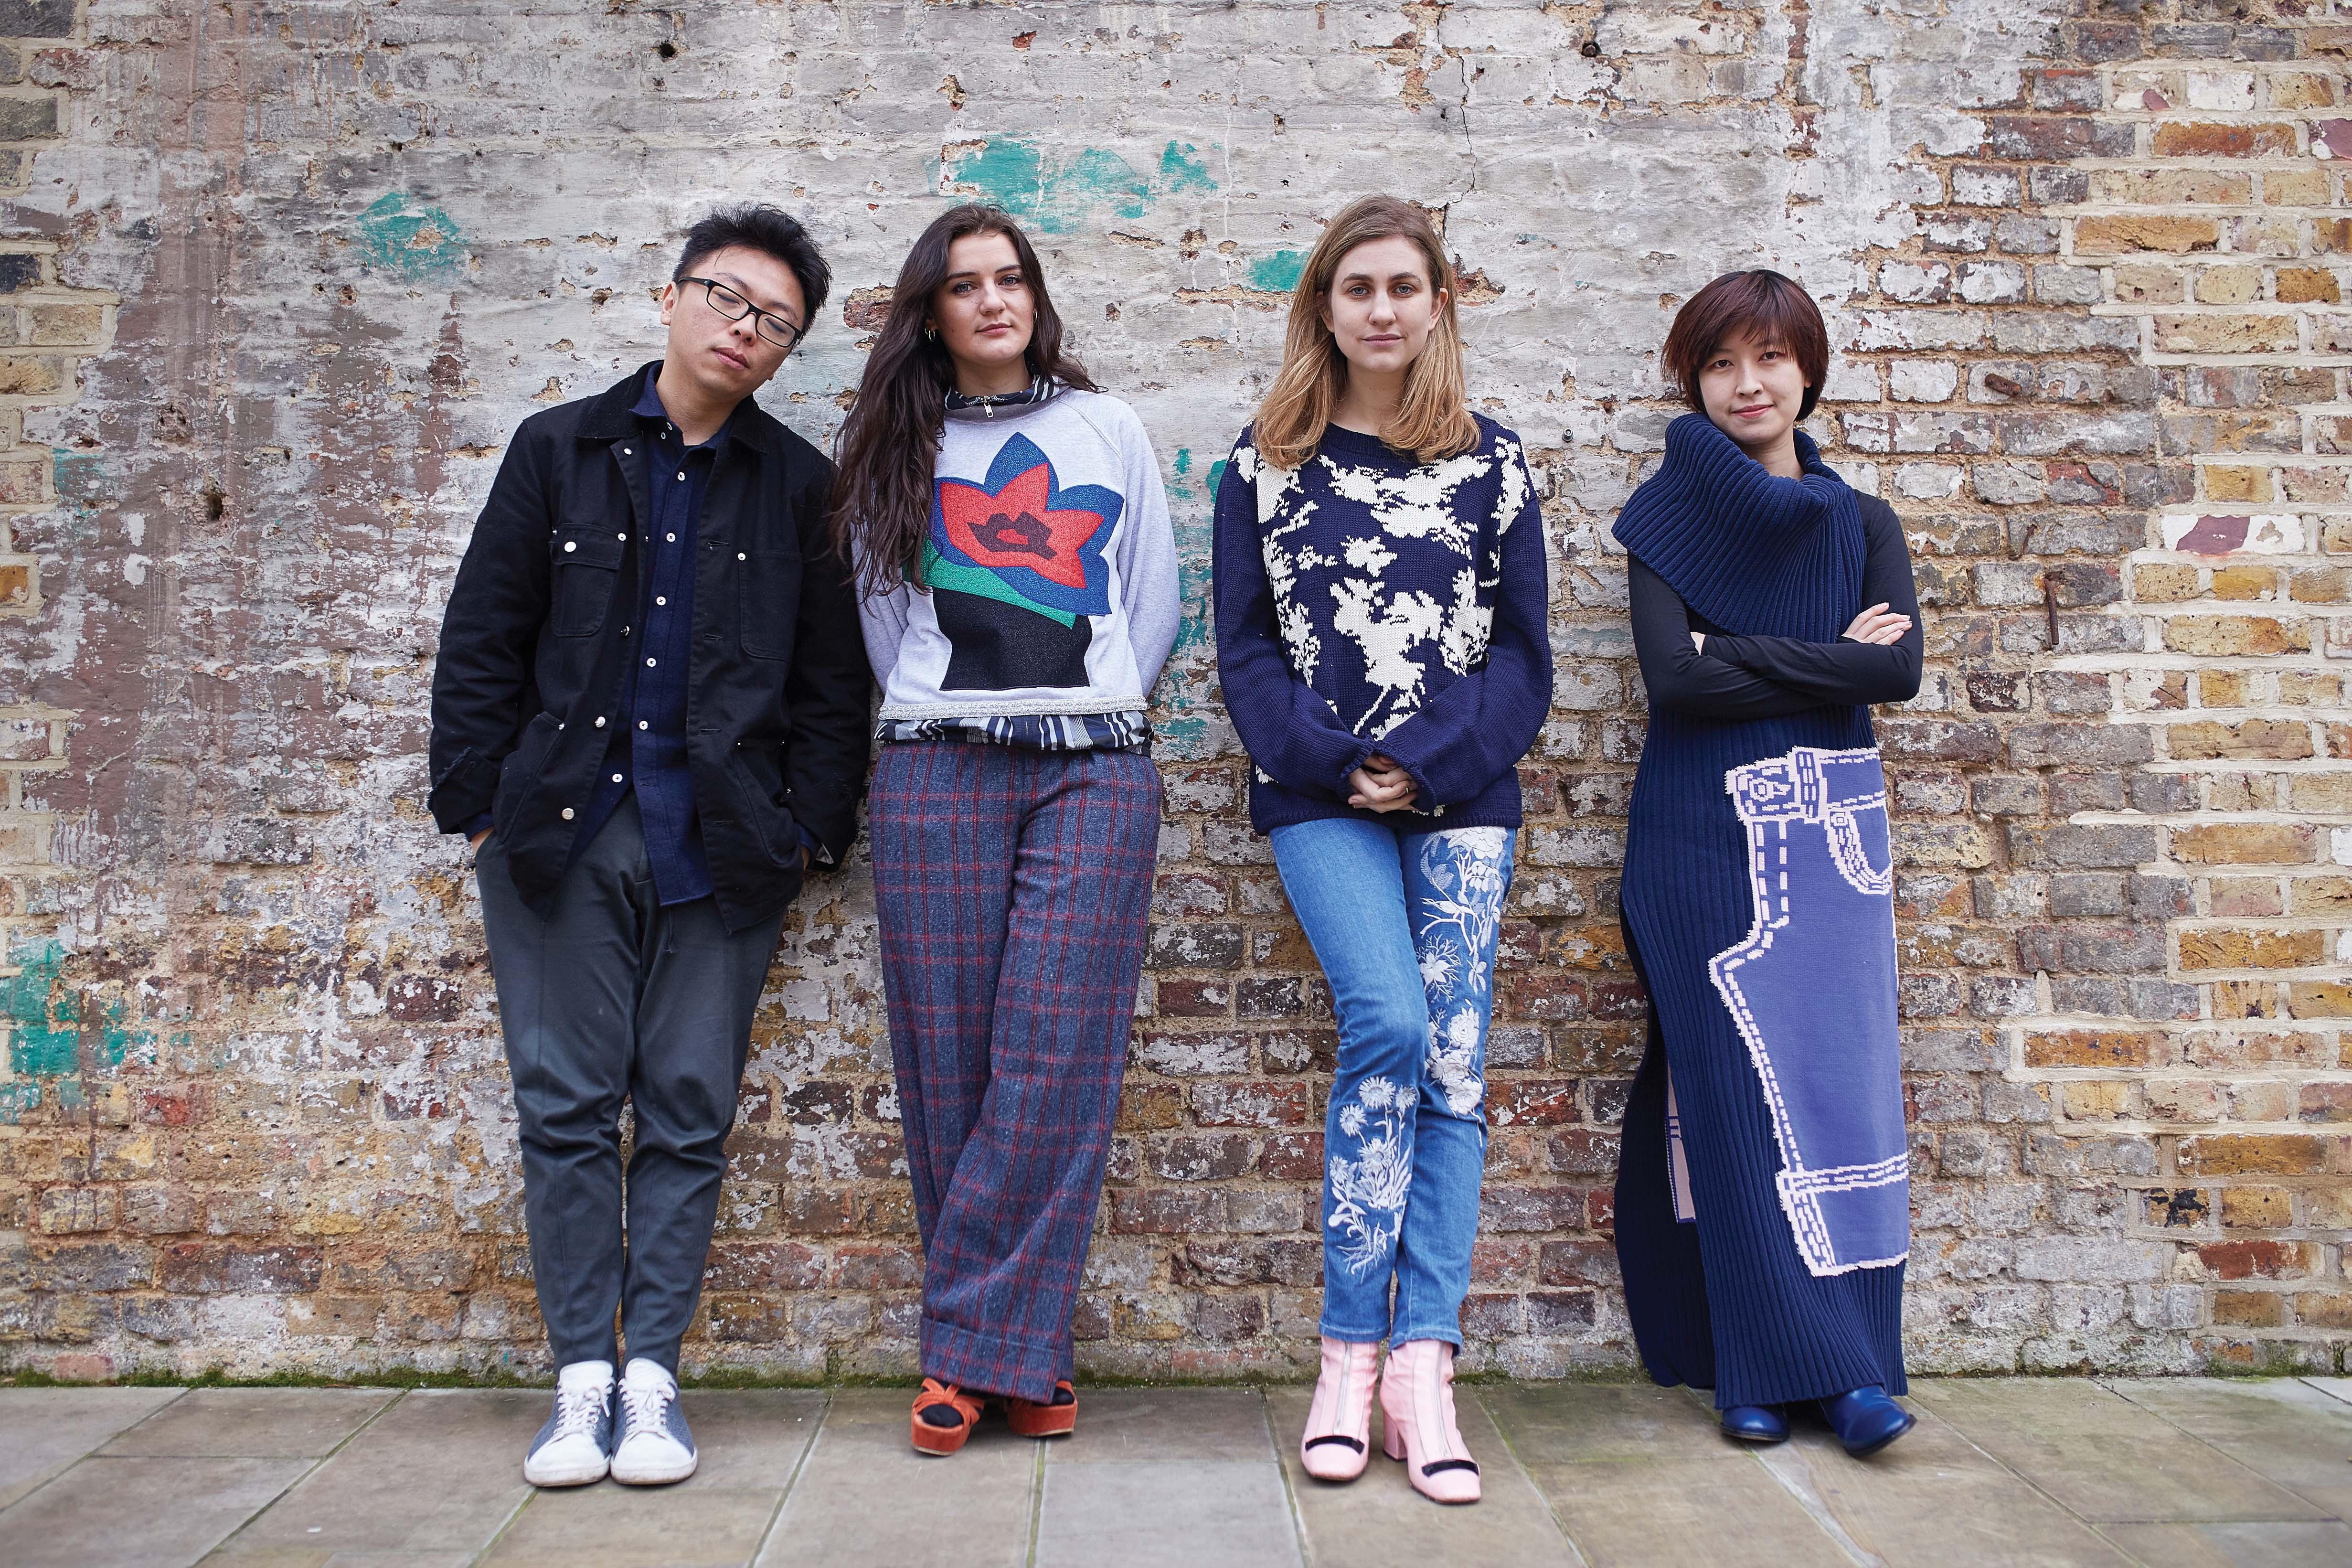 Steven Tai, Sadie Willaims, Alice Archer and Xiao Li.